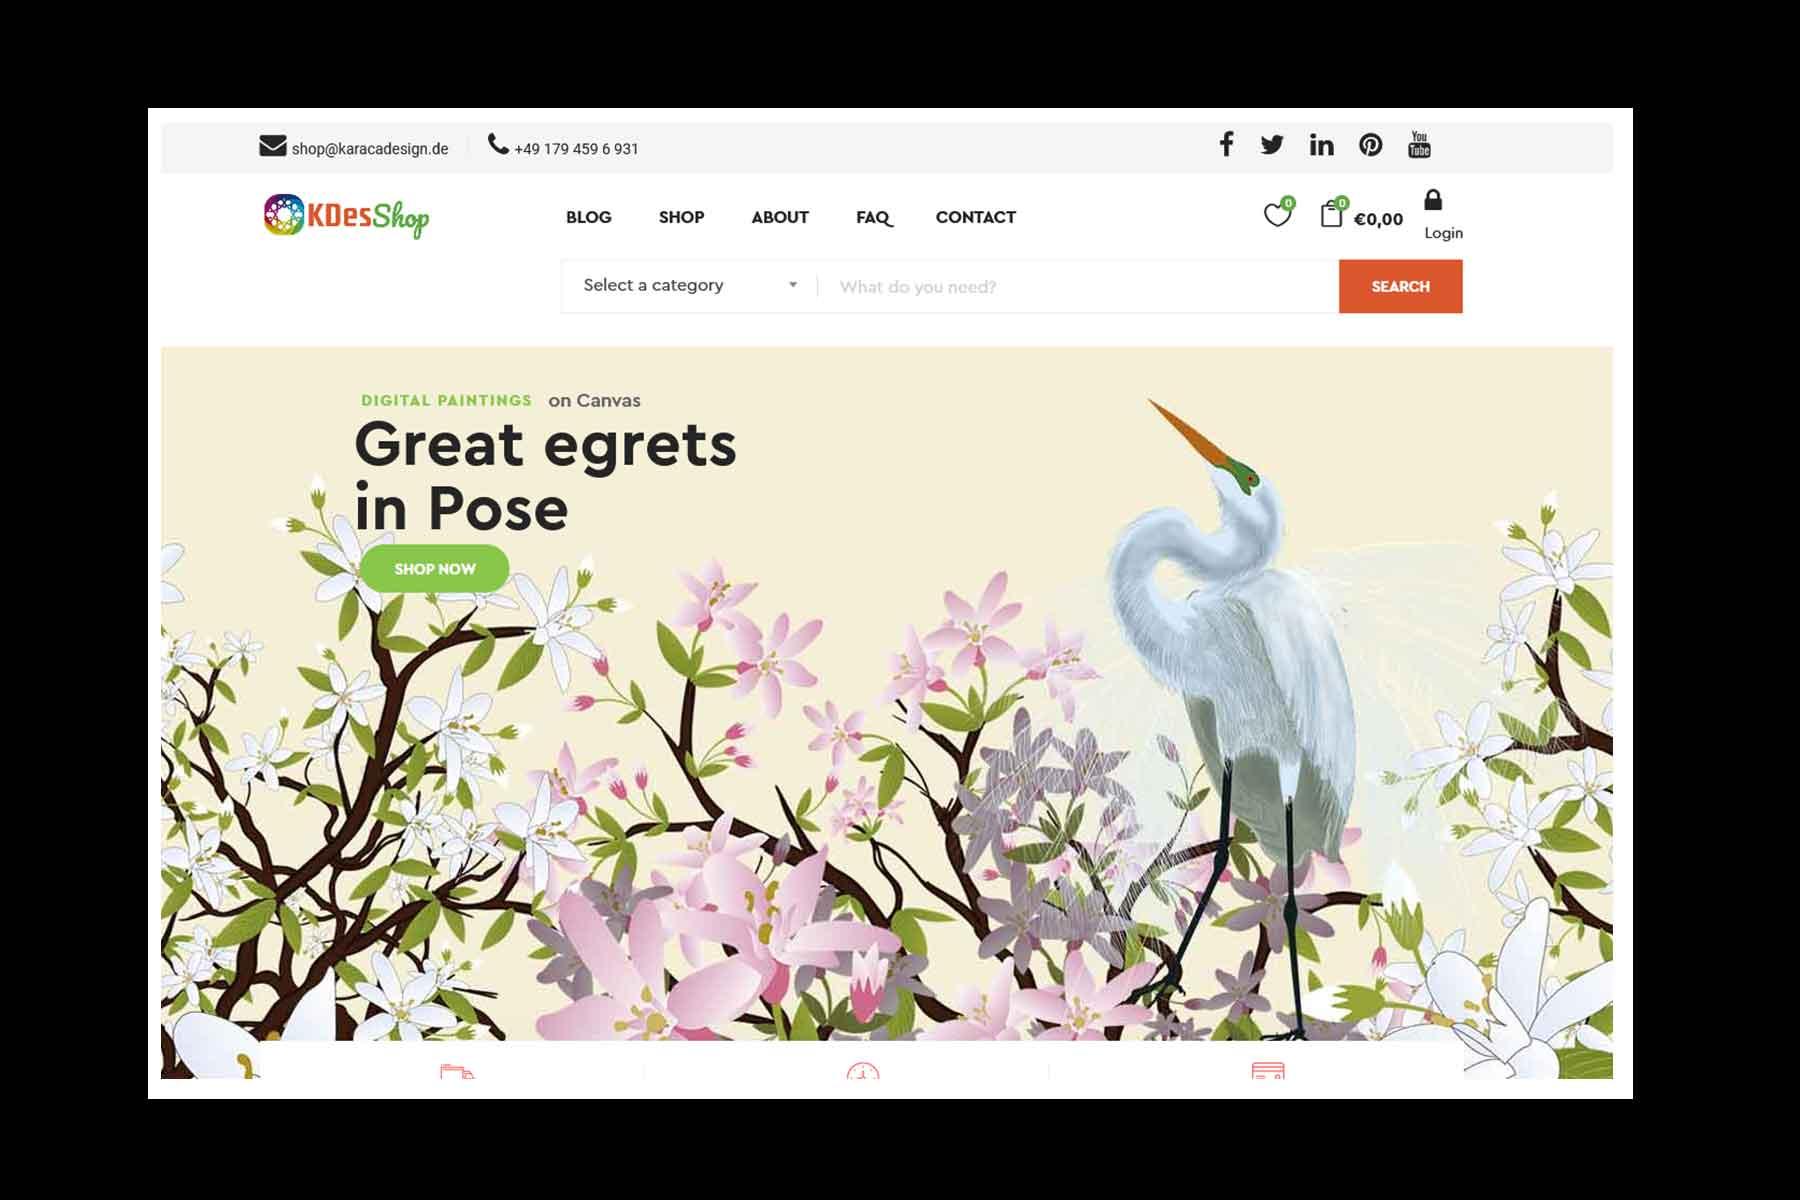 KDes Online Shop